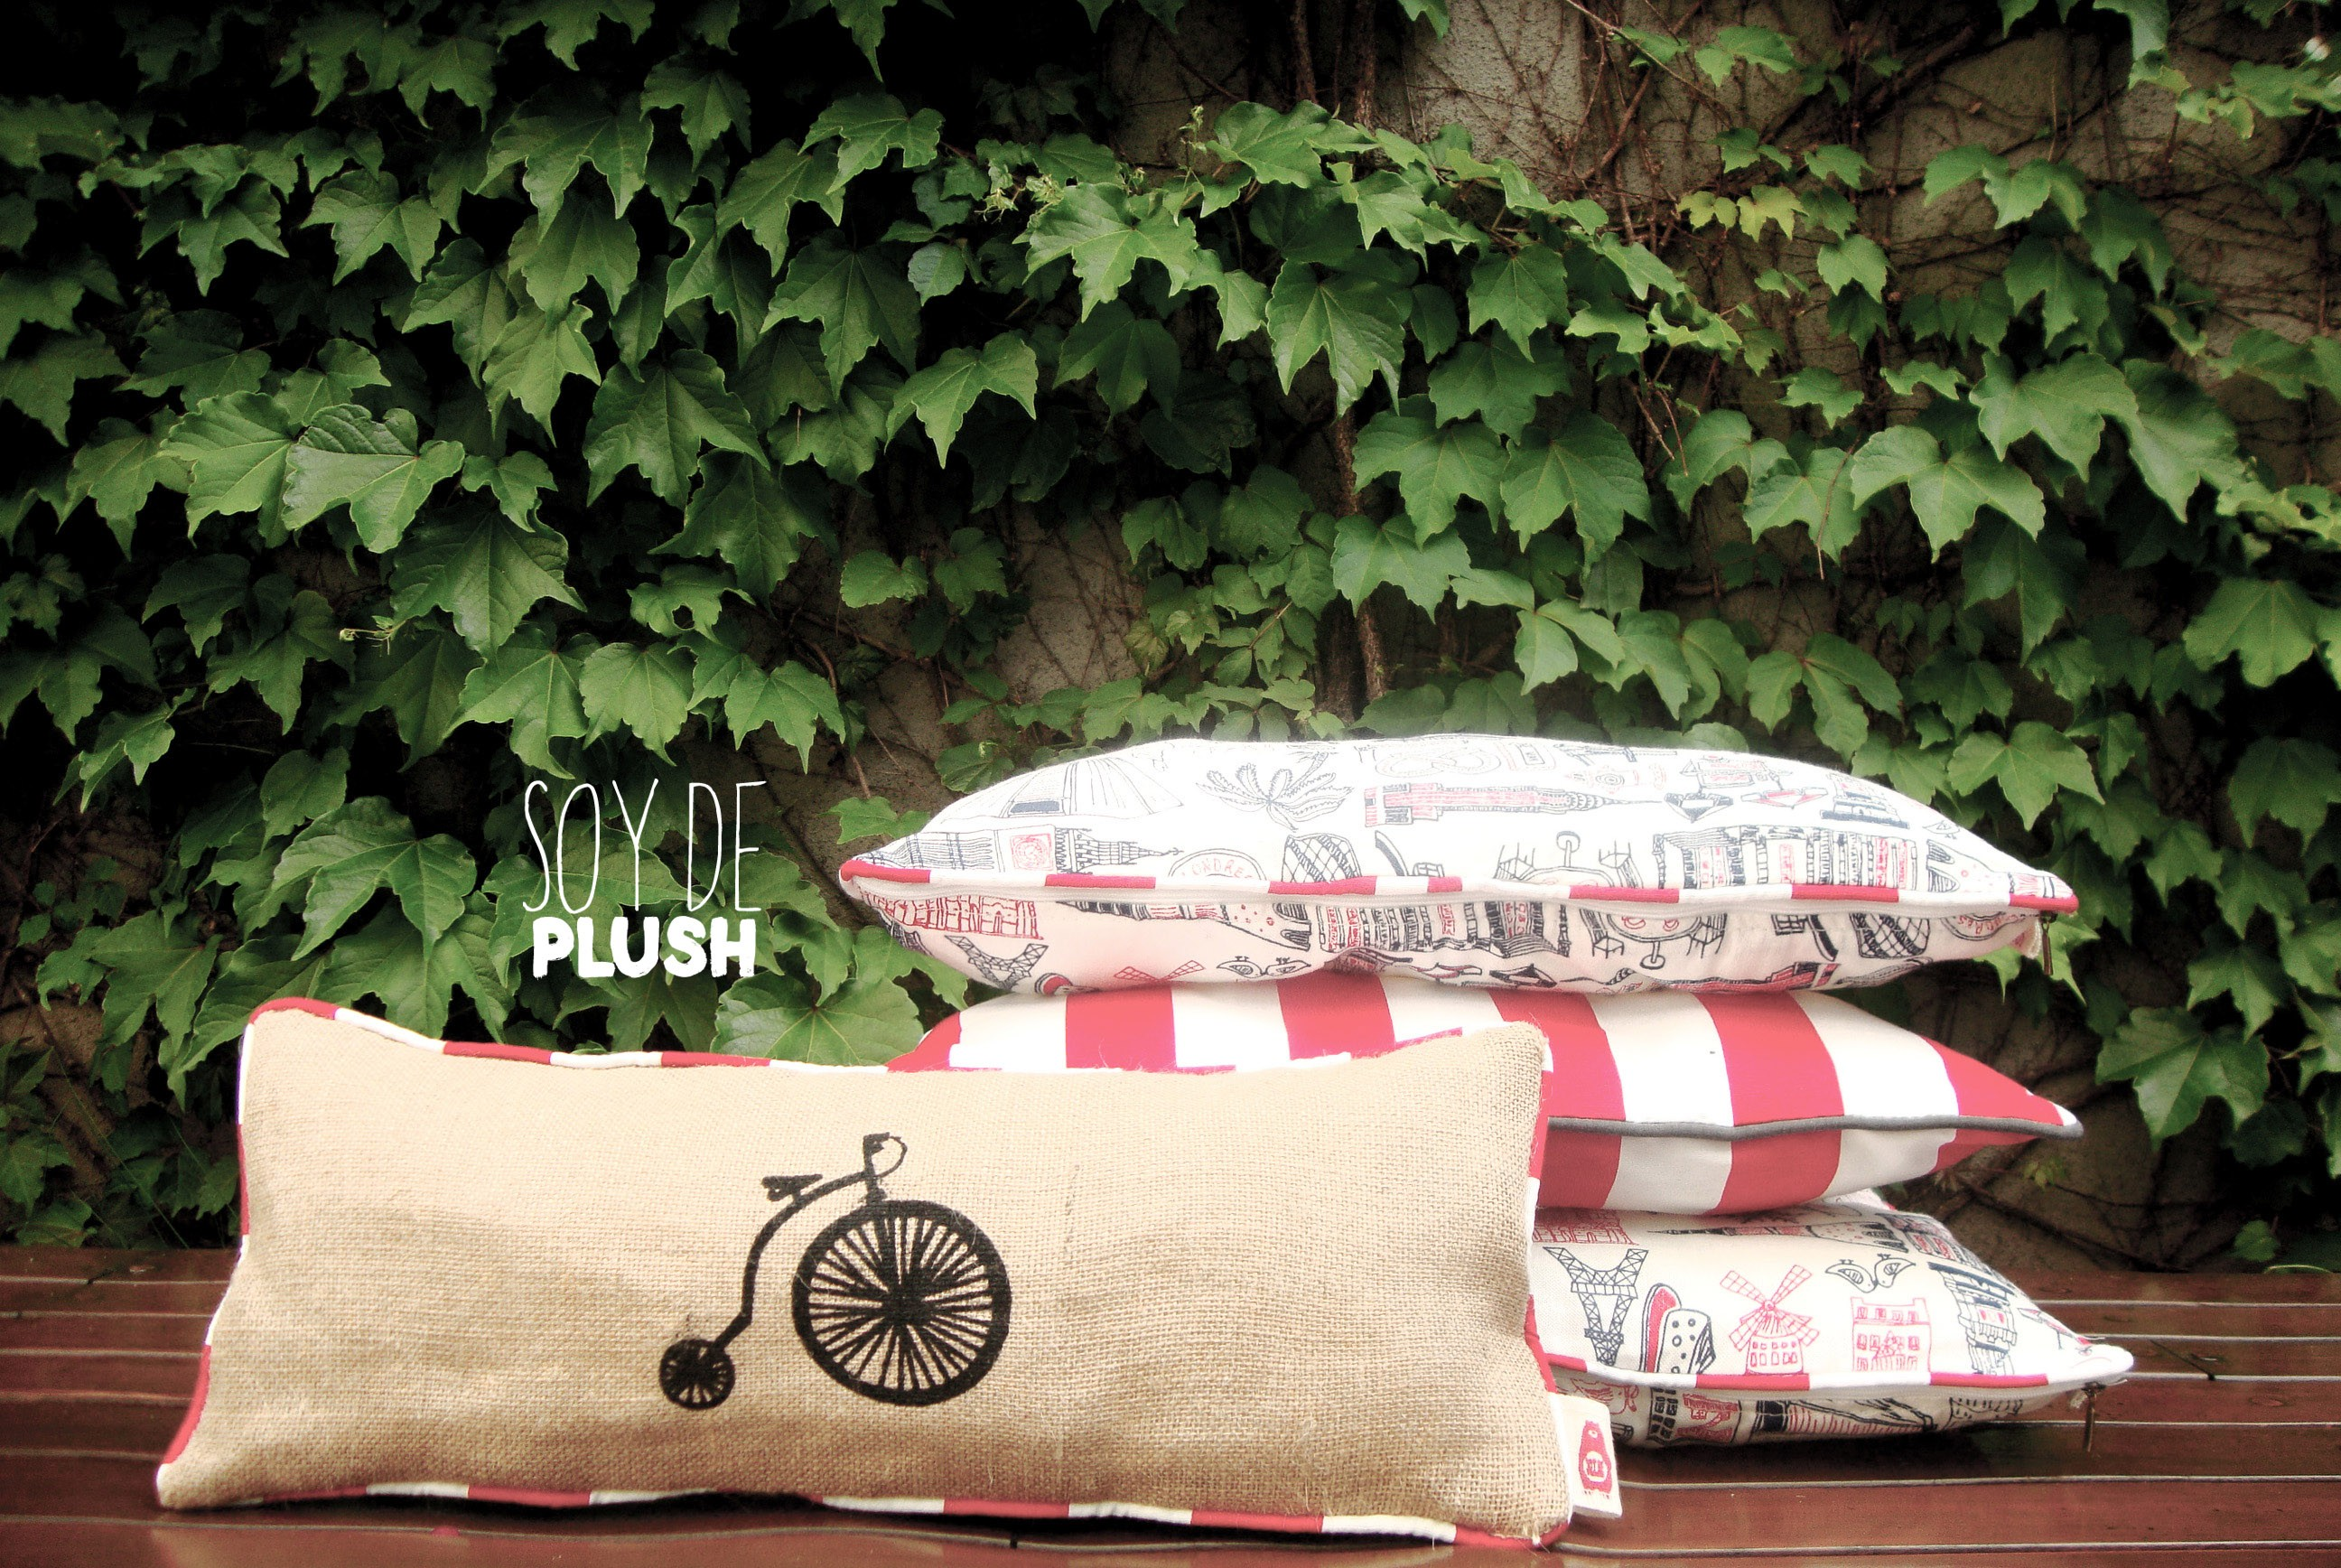 Regalos originales para casamiento de Soy de Plush. Mucho color y creatividad con estos divertidos almohadones!